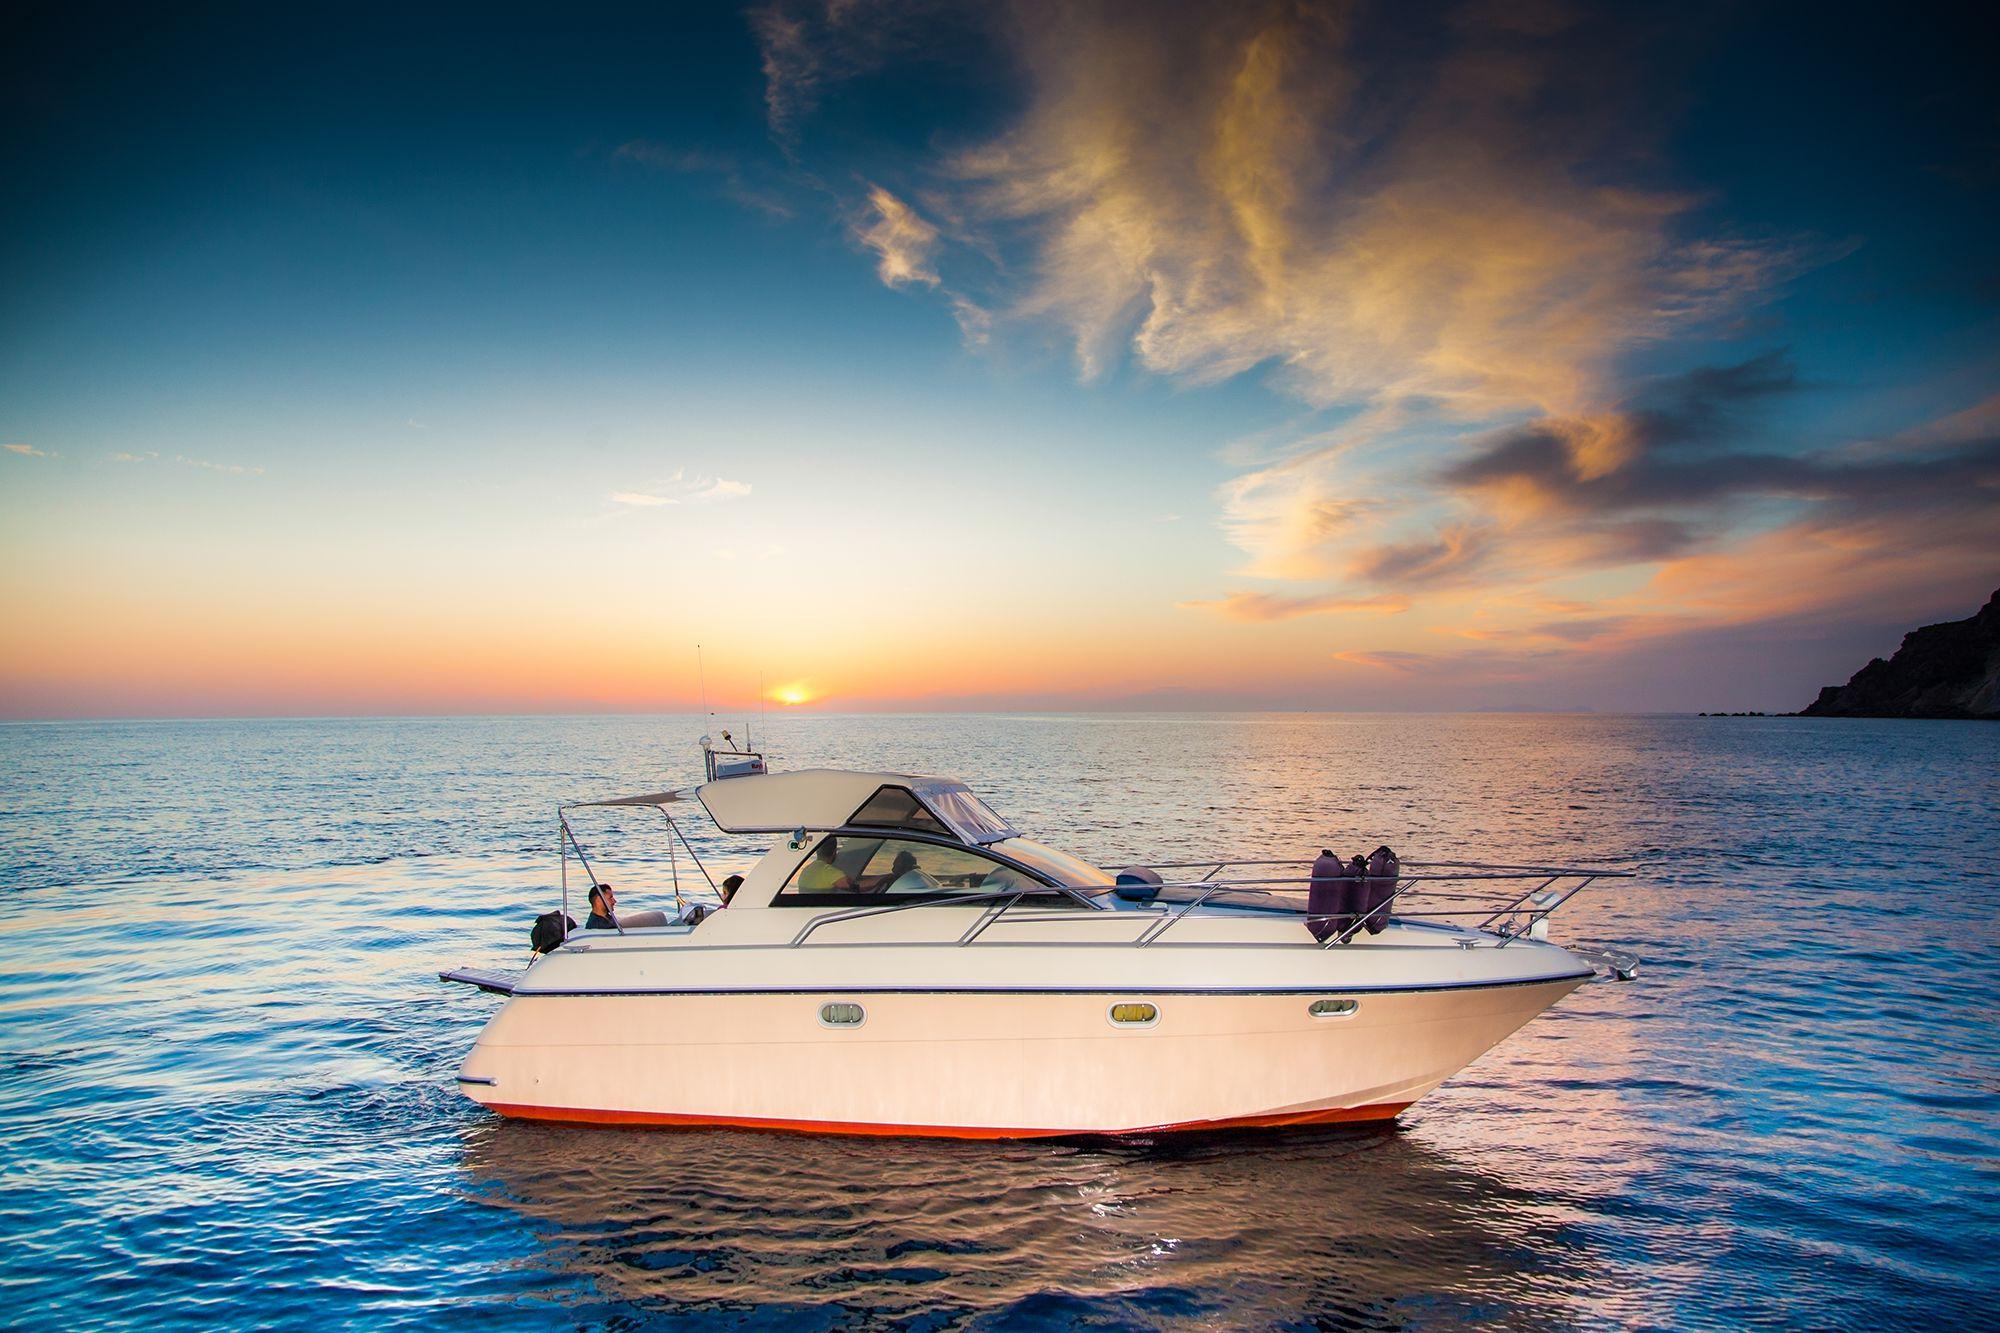 santorini pelagos tours cruises boat